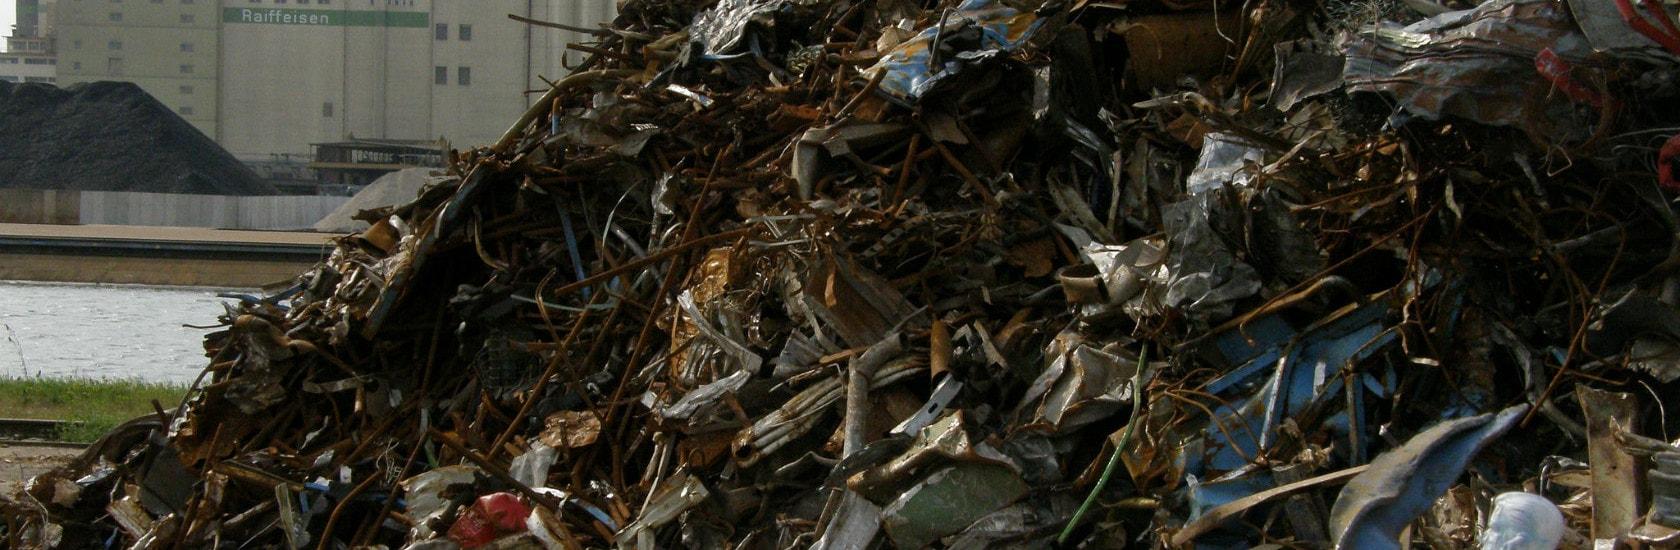 Tribune : Pour une politique ambitieuse de réduction des déchets à Strasbourg